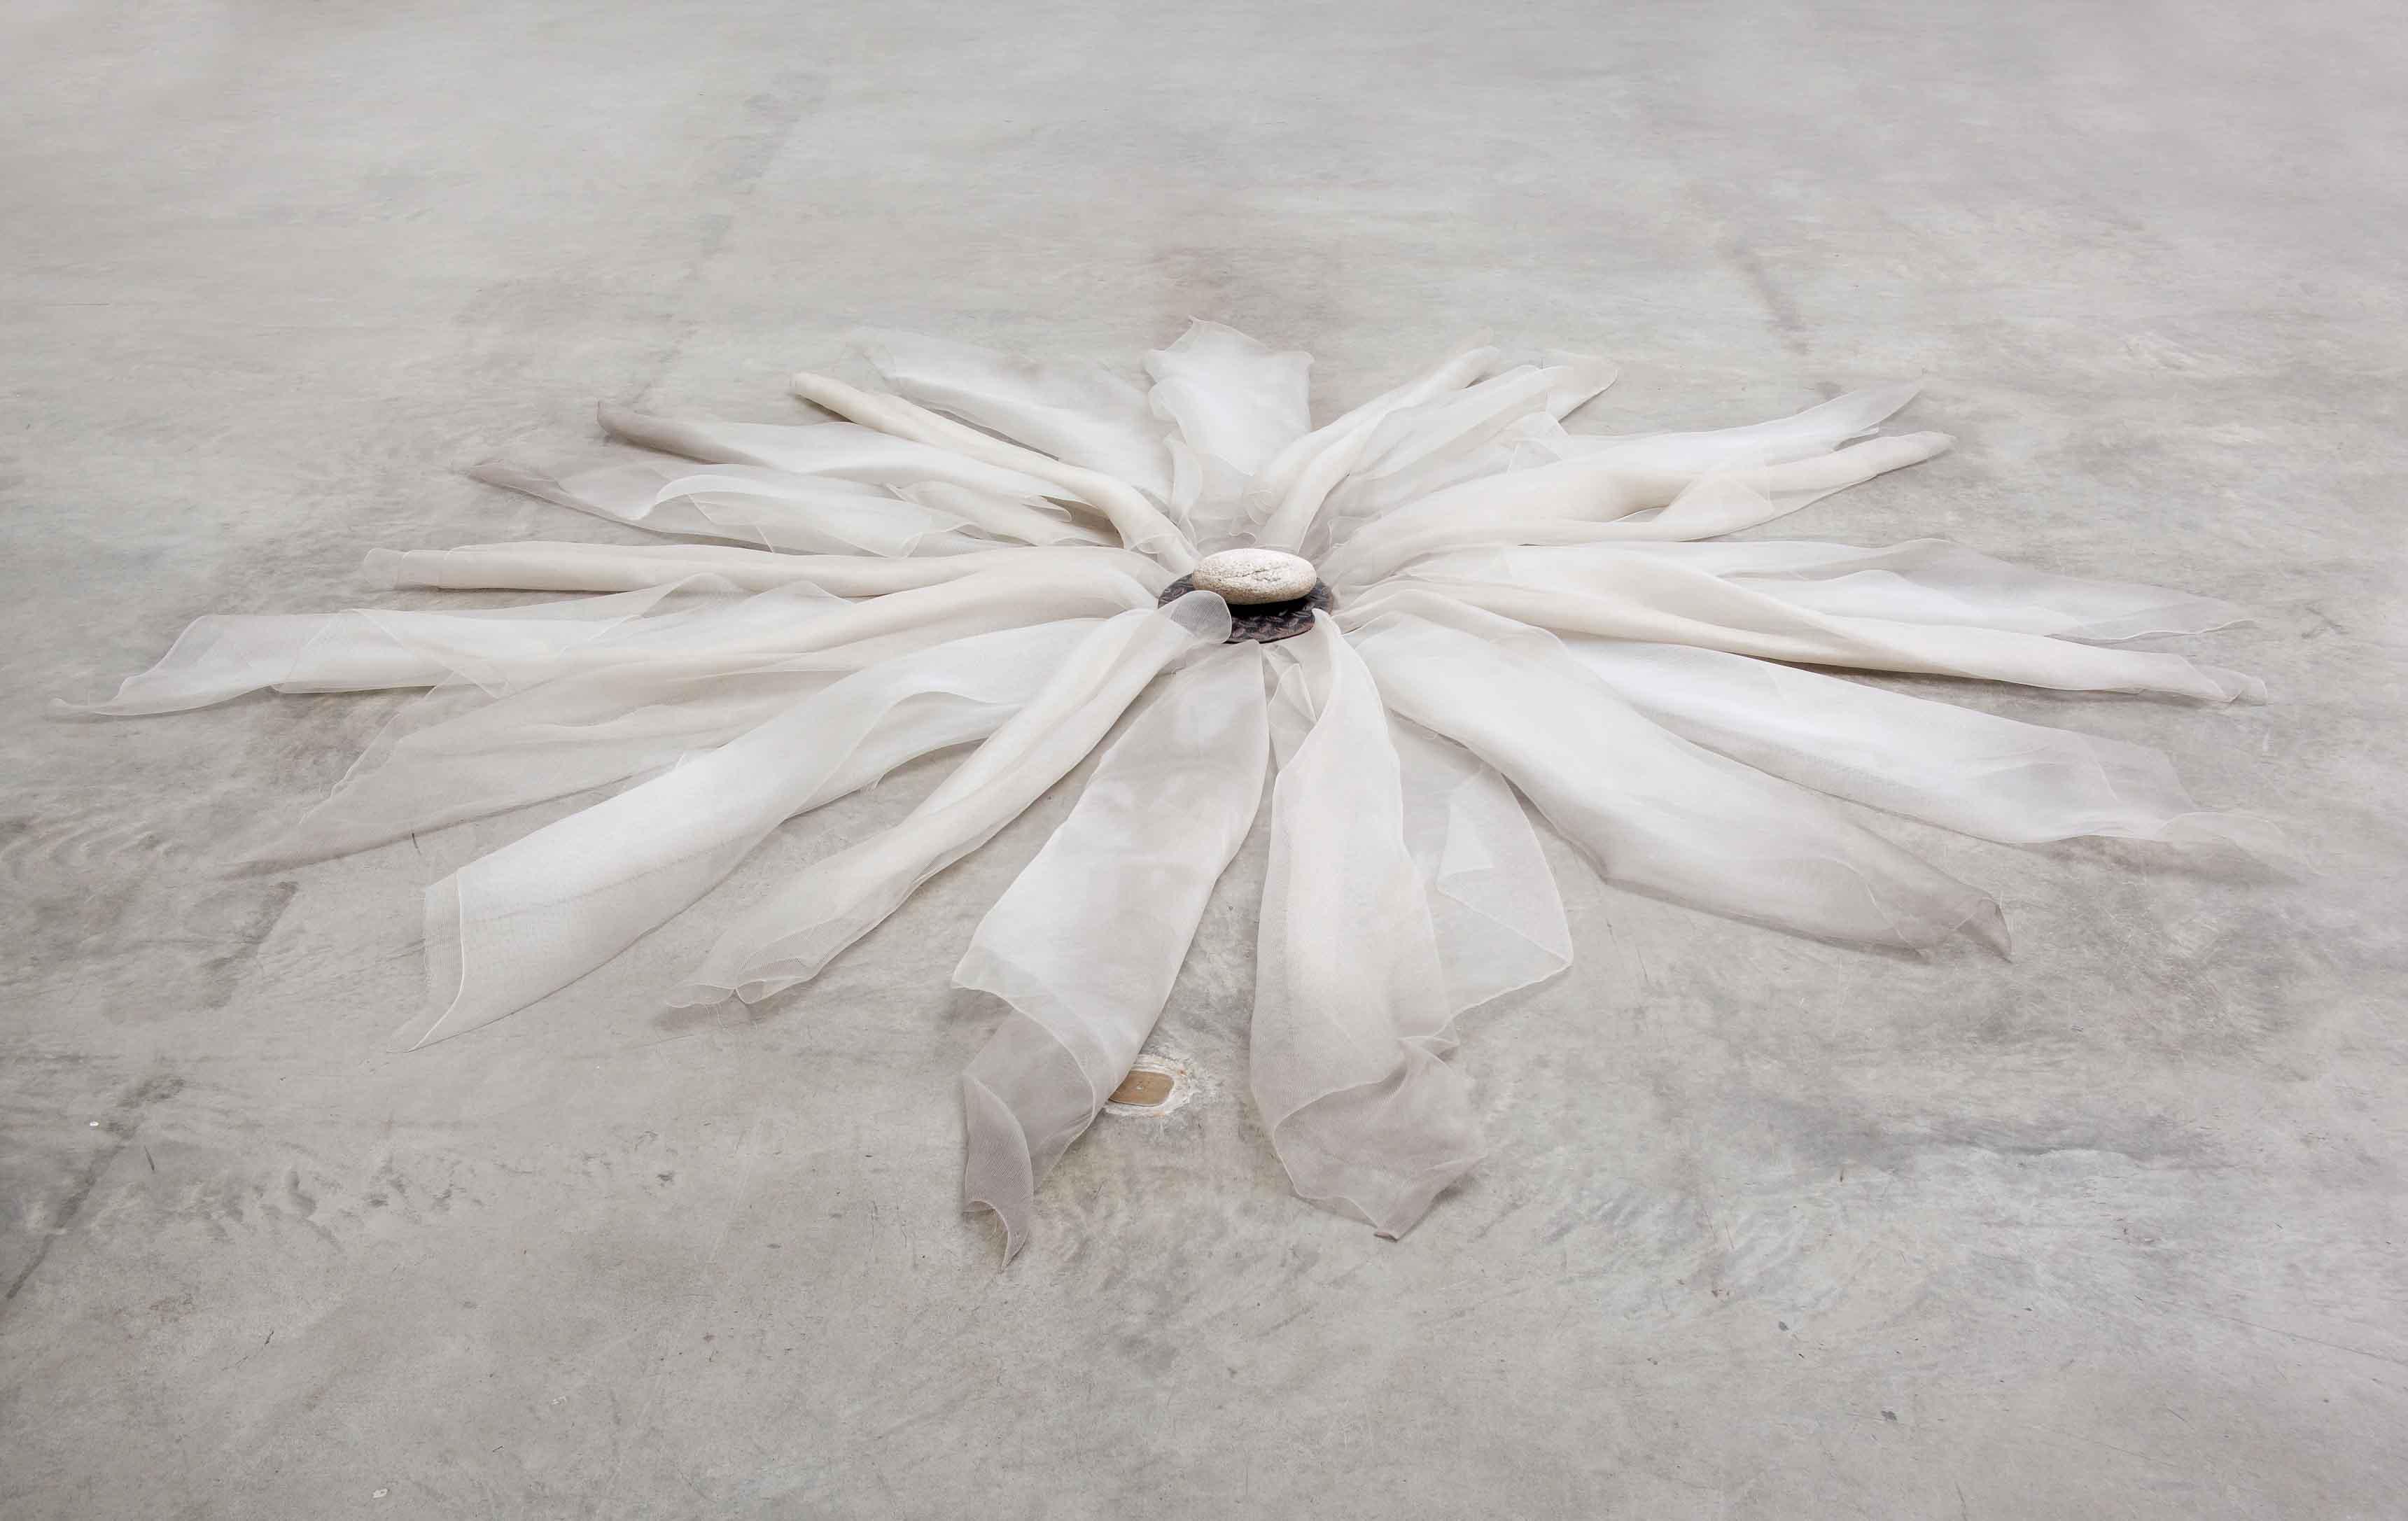 Untitled (1979), de Marisa Merz. Fibre de nylon, fer et pierre, 15 x 290 x 290 cm.